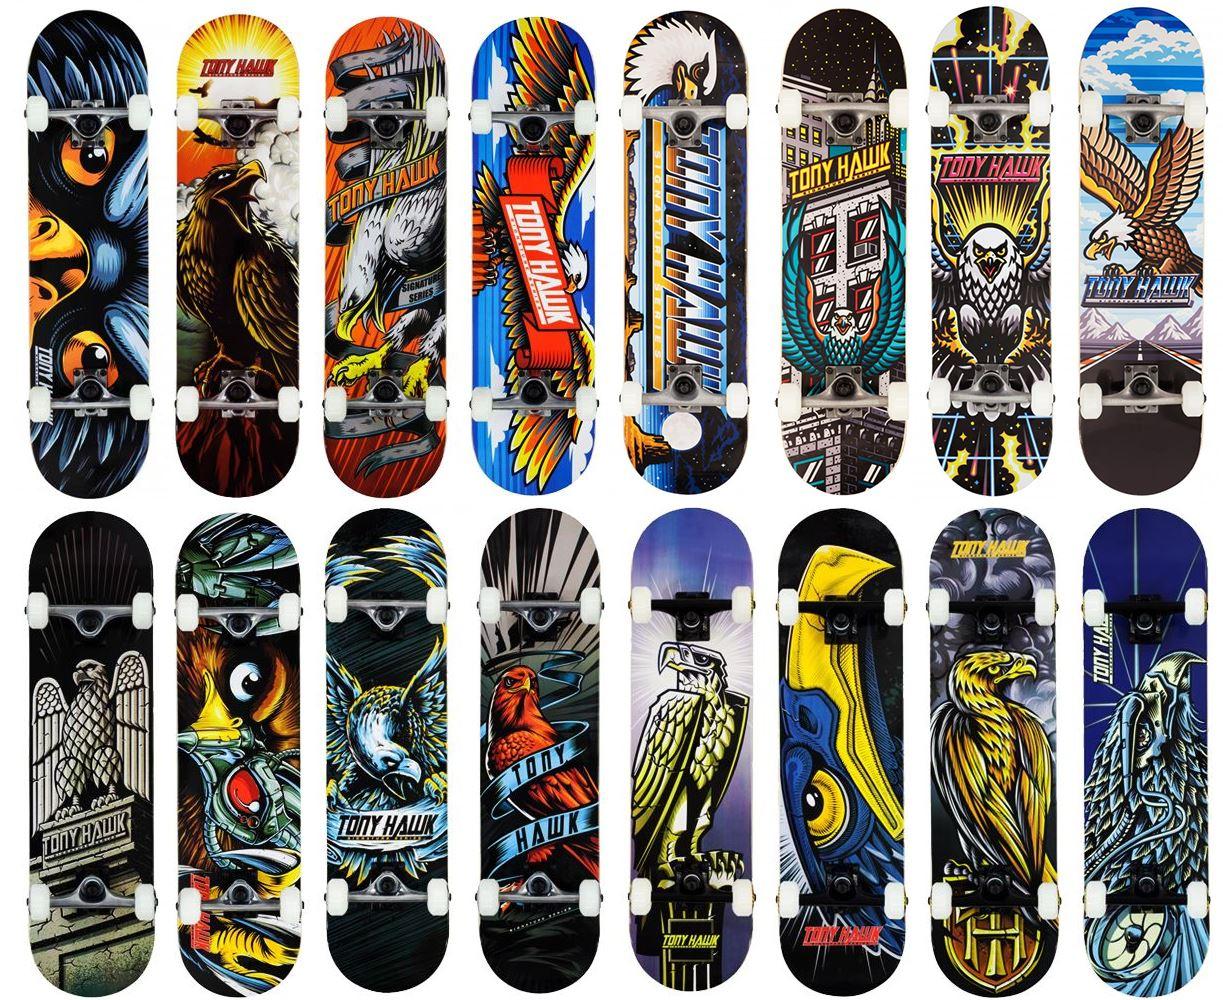 Royal Hawk by Tony Hawk Skateboards Tony Hawk 540 Series Complete Skateboard